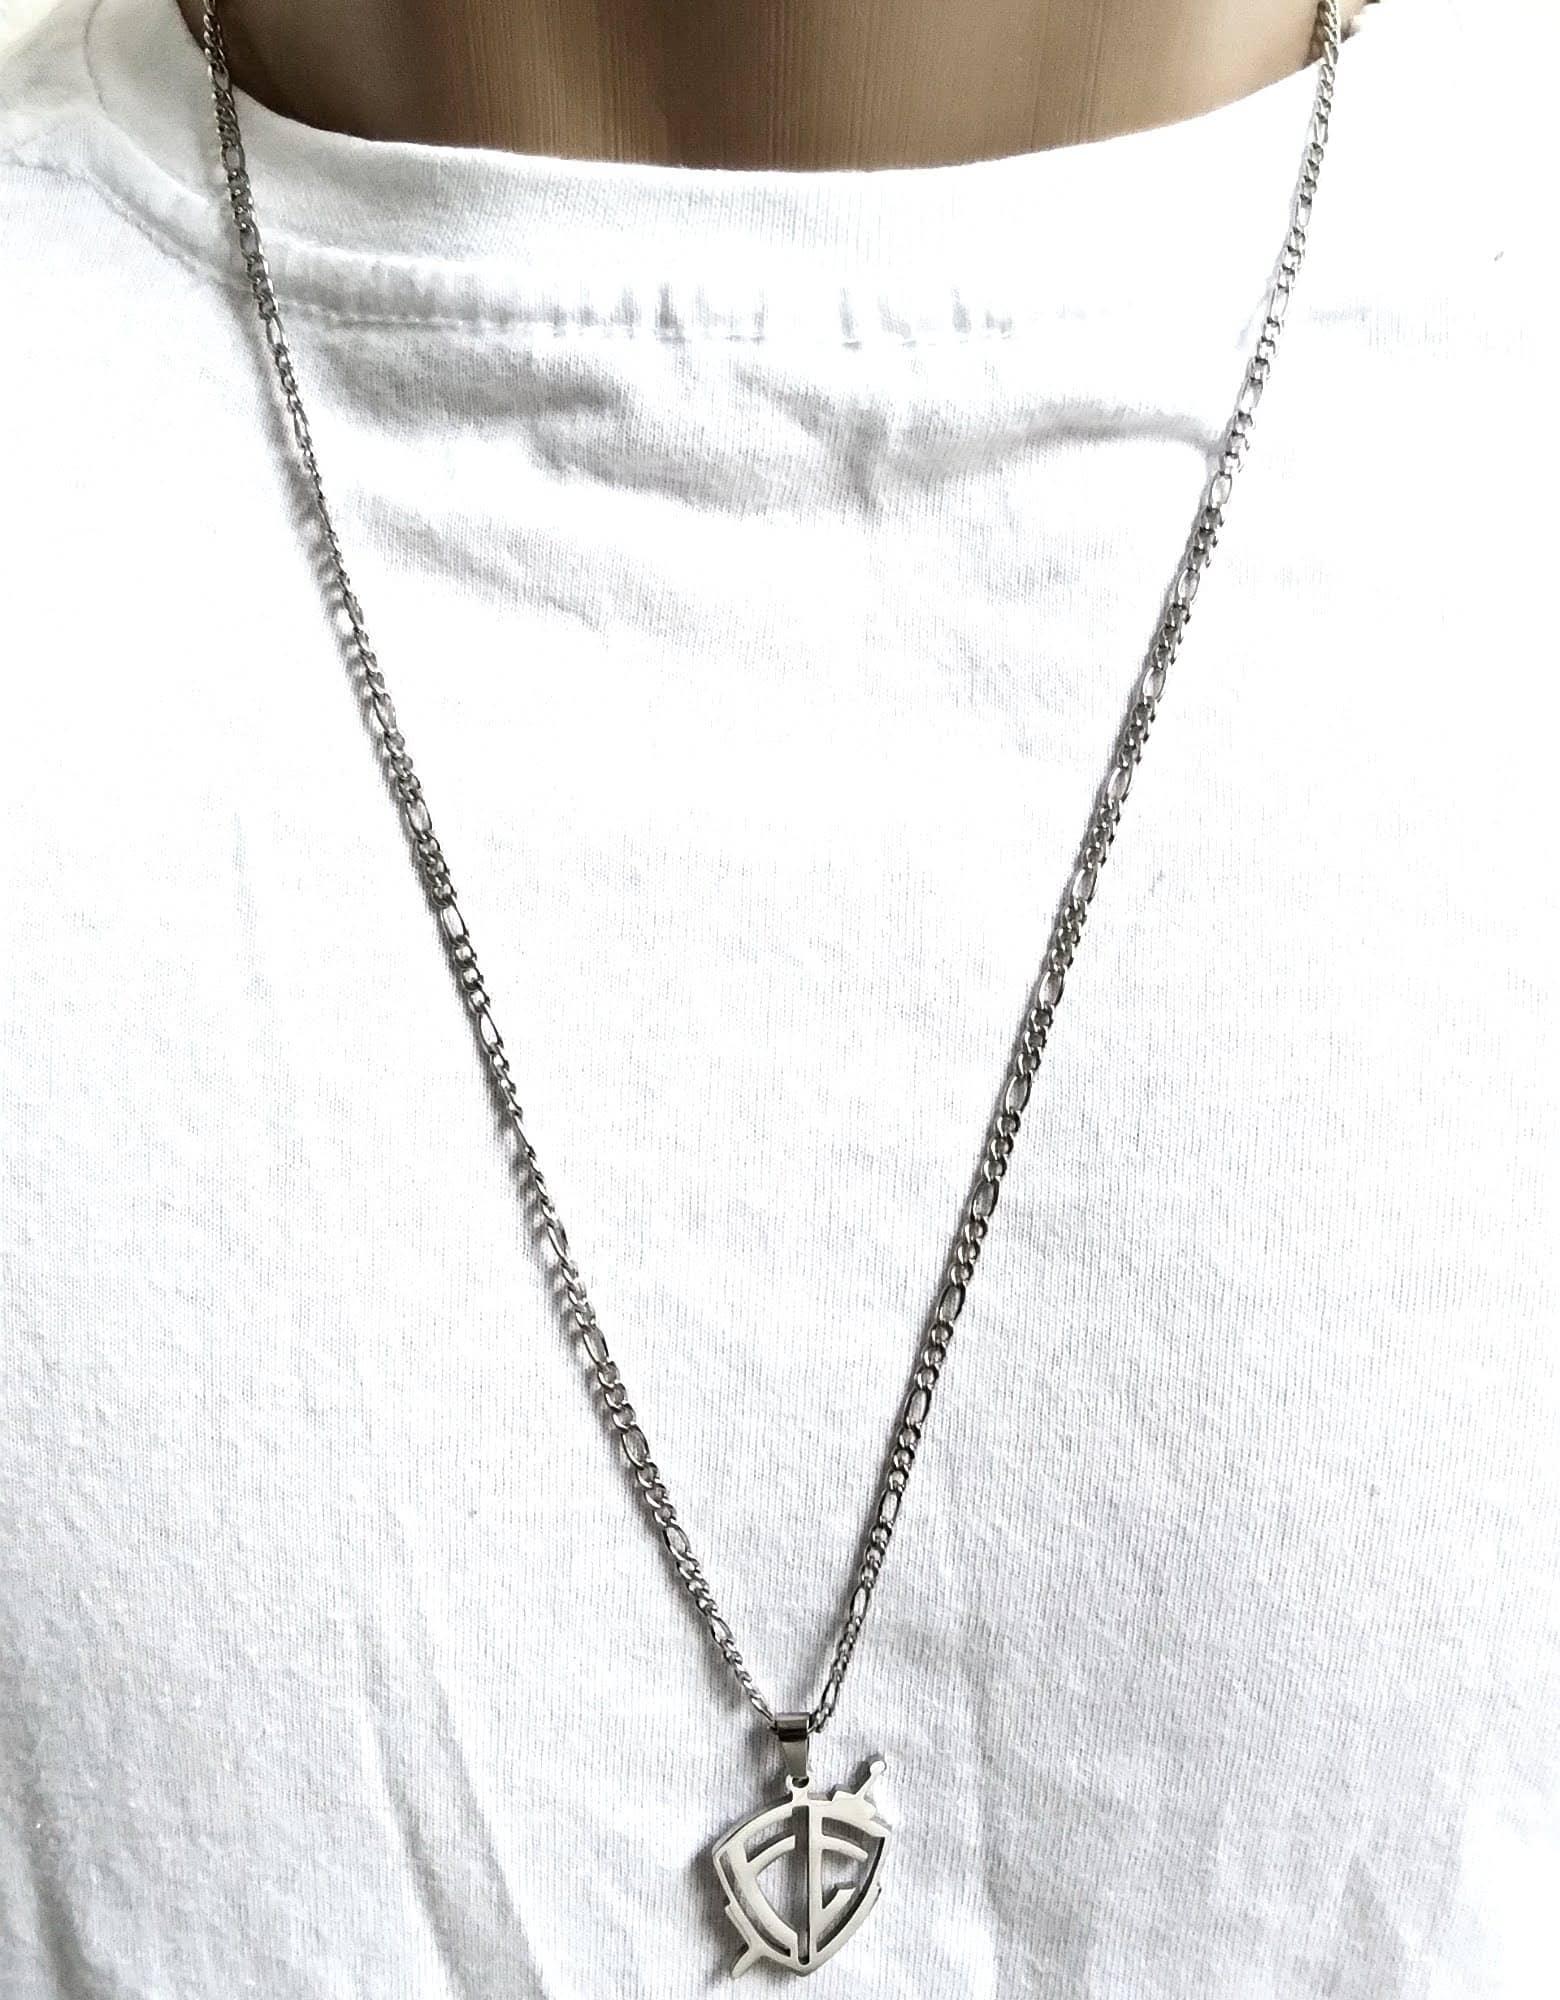 Cordão Corrente Aço Cirúrgico 316L 4mm 70cm Escudo Fé